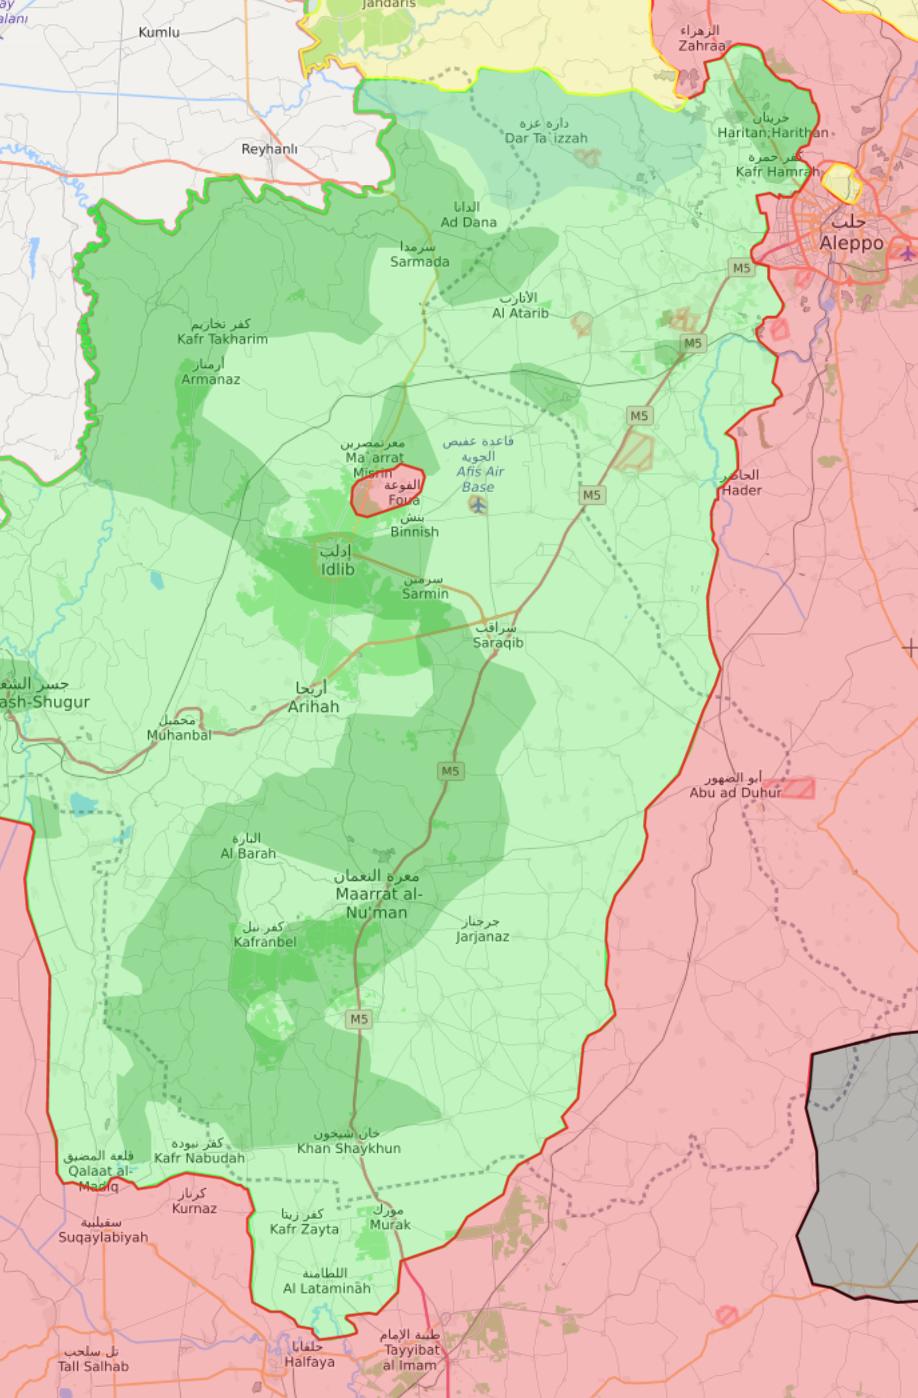 خريطة السيطرة في محافظة إدلب - 7 شباط 2018 (livemap)